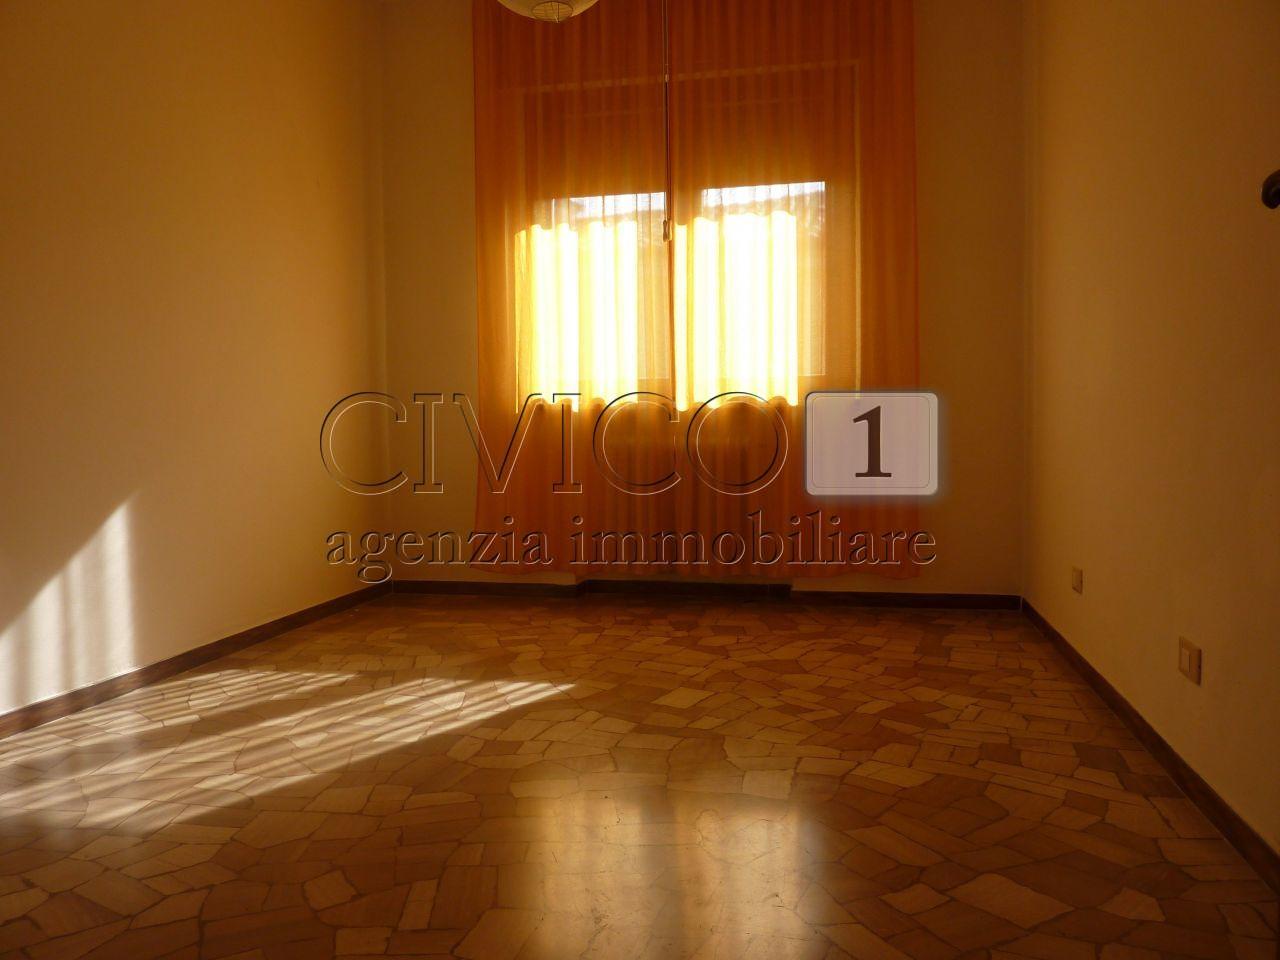 vicenza affitto quart: stanga civico1-agenzia-immobiliare